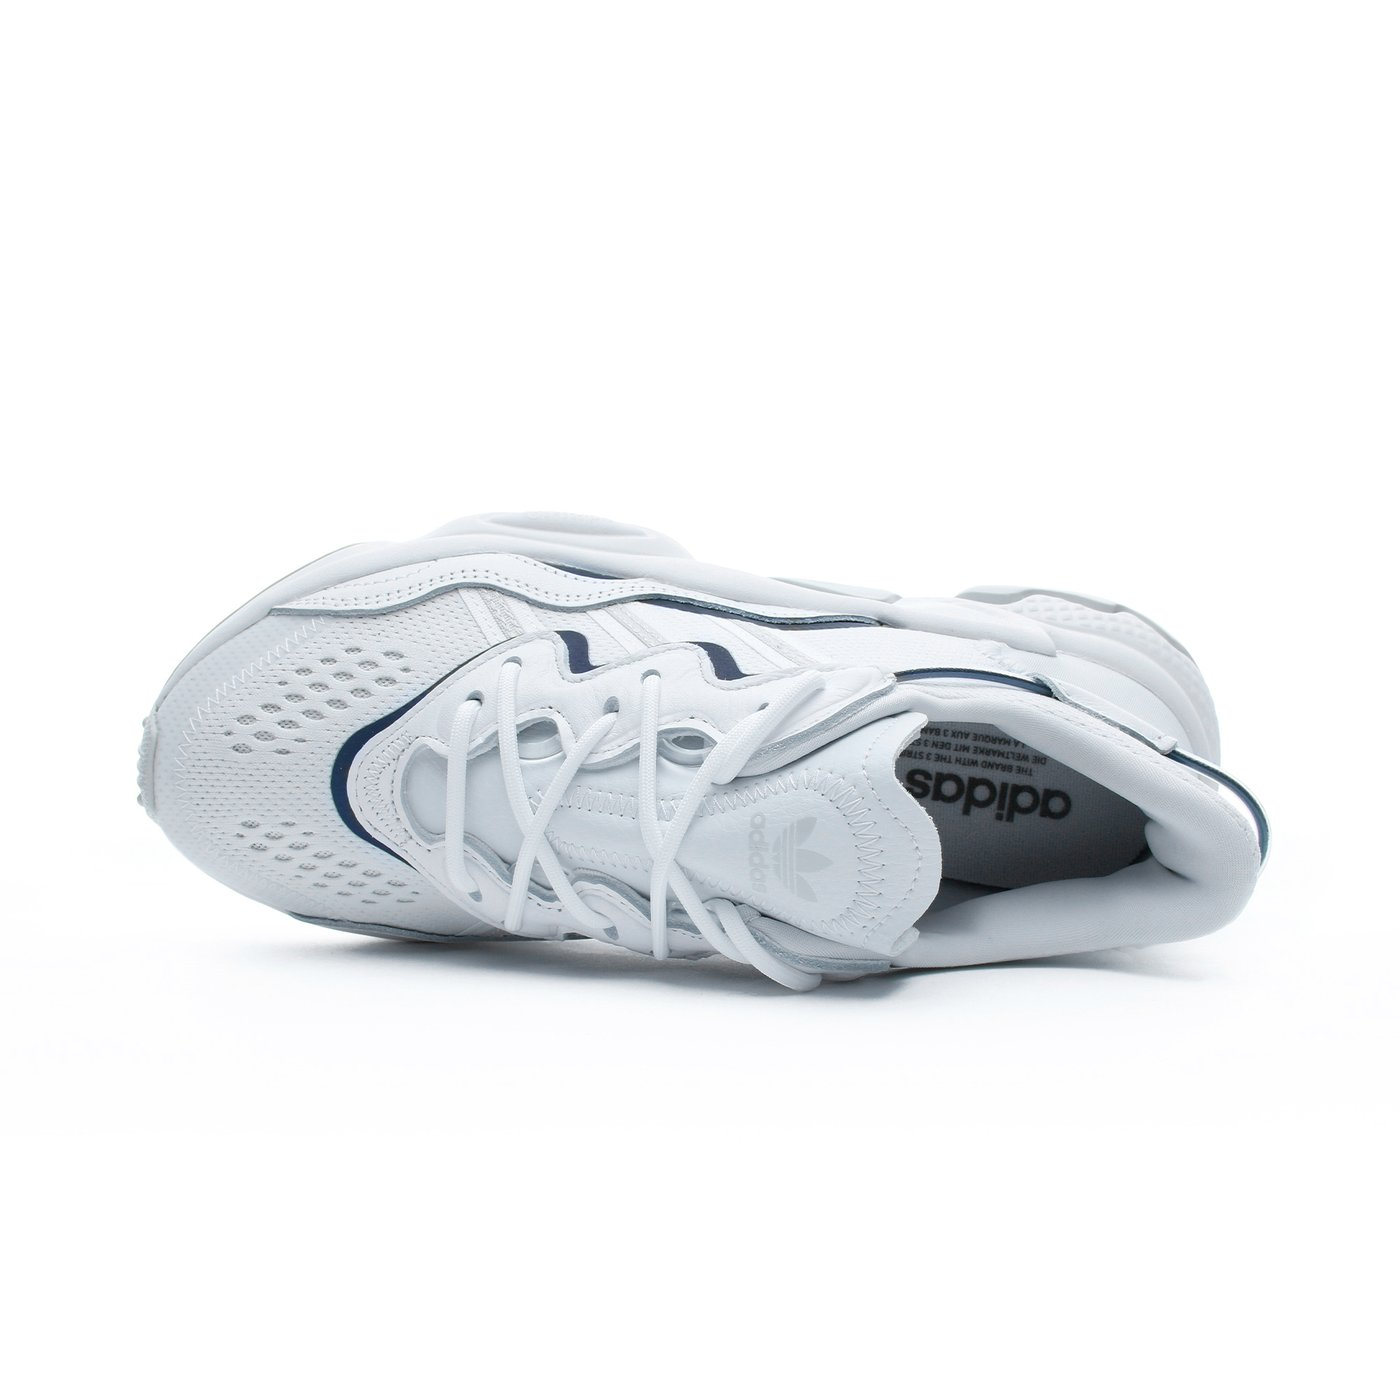 adidas Ozweego Erkek Beyaz Spor Ayakkabı